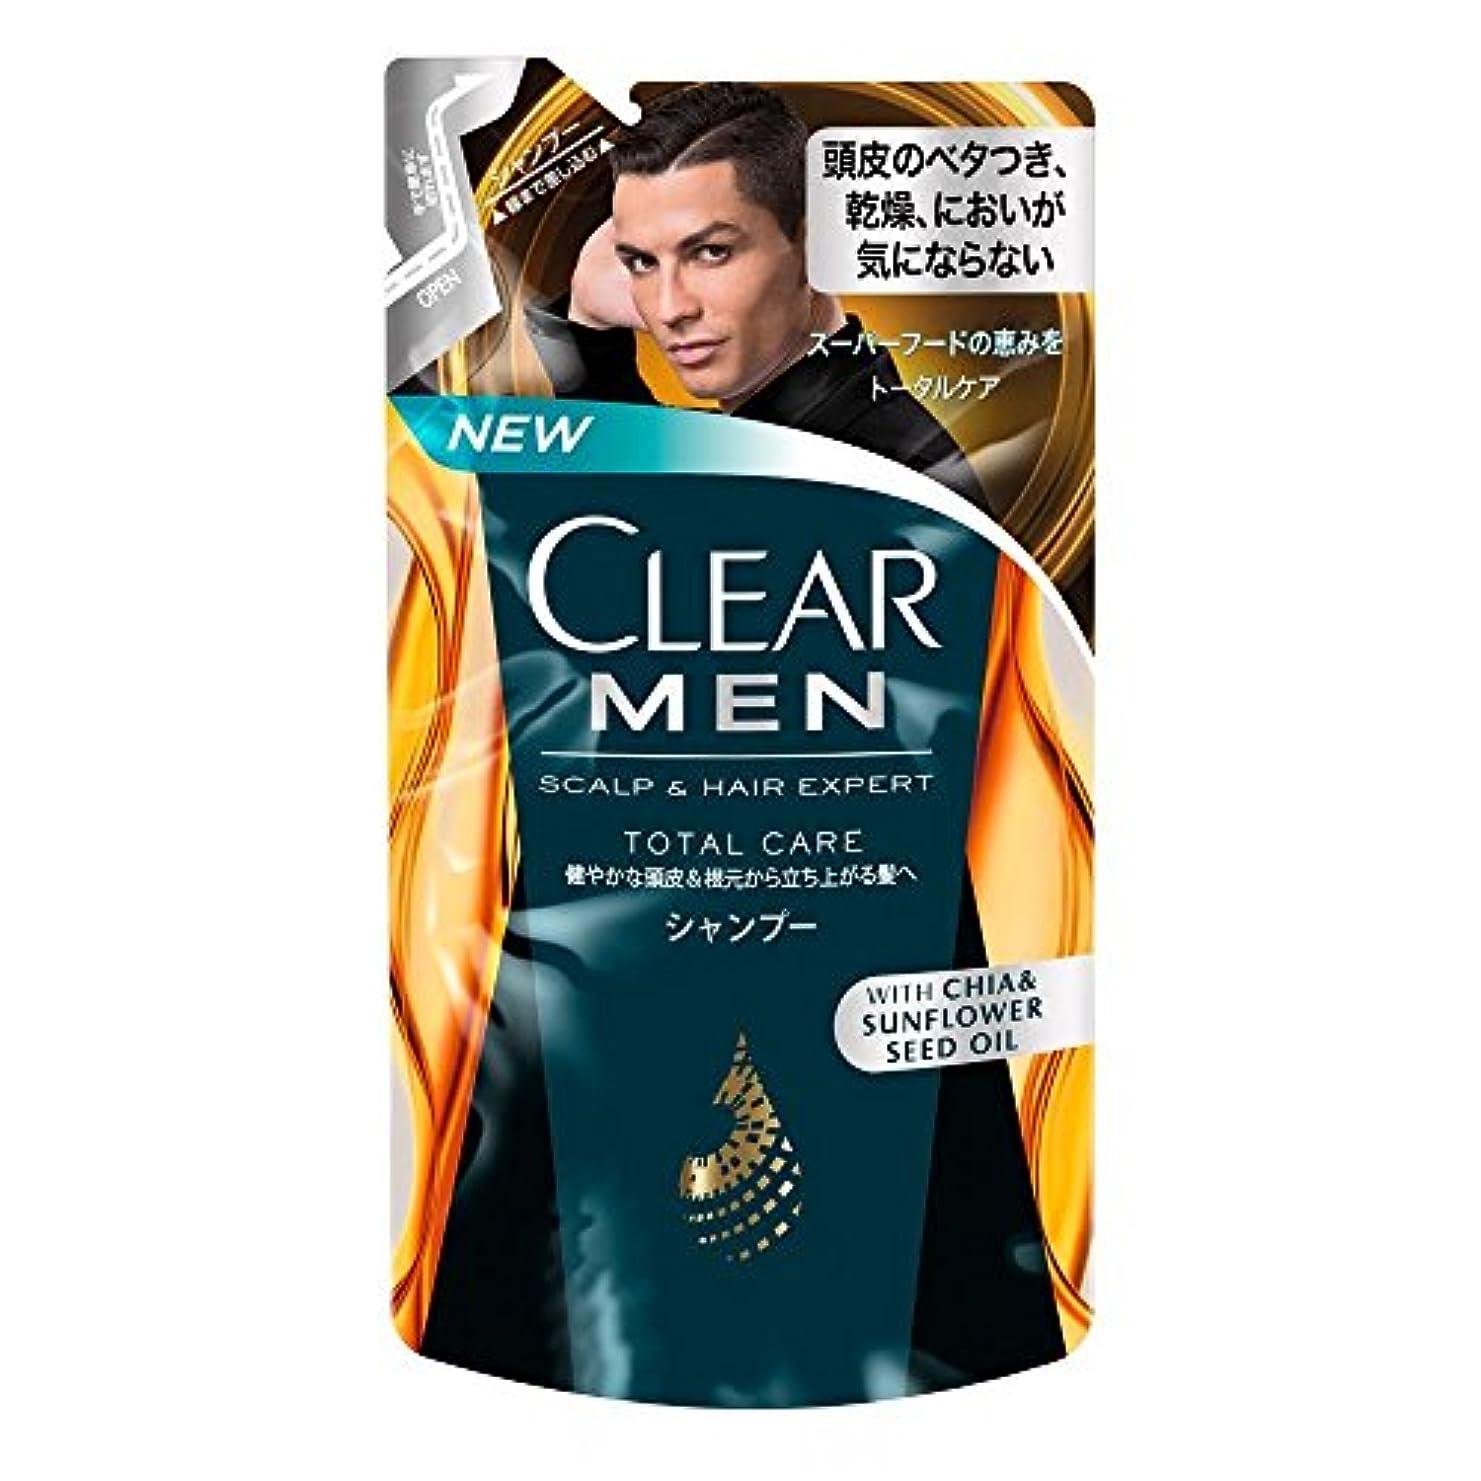 旅火山一定クリア フォーメン トータルケア 男性用シャンプー つめかえ用 (健やかな頭皮へ) 280g × 3個